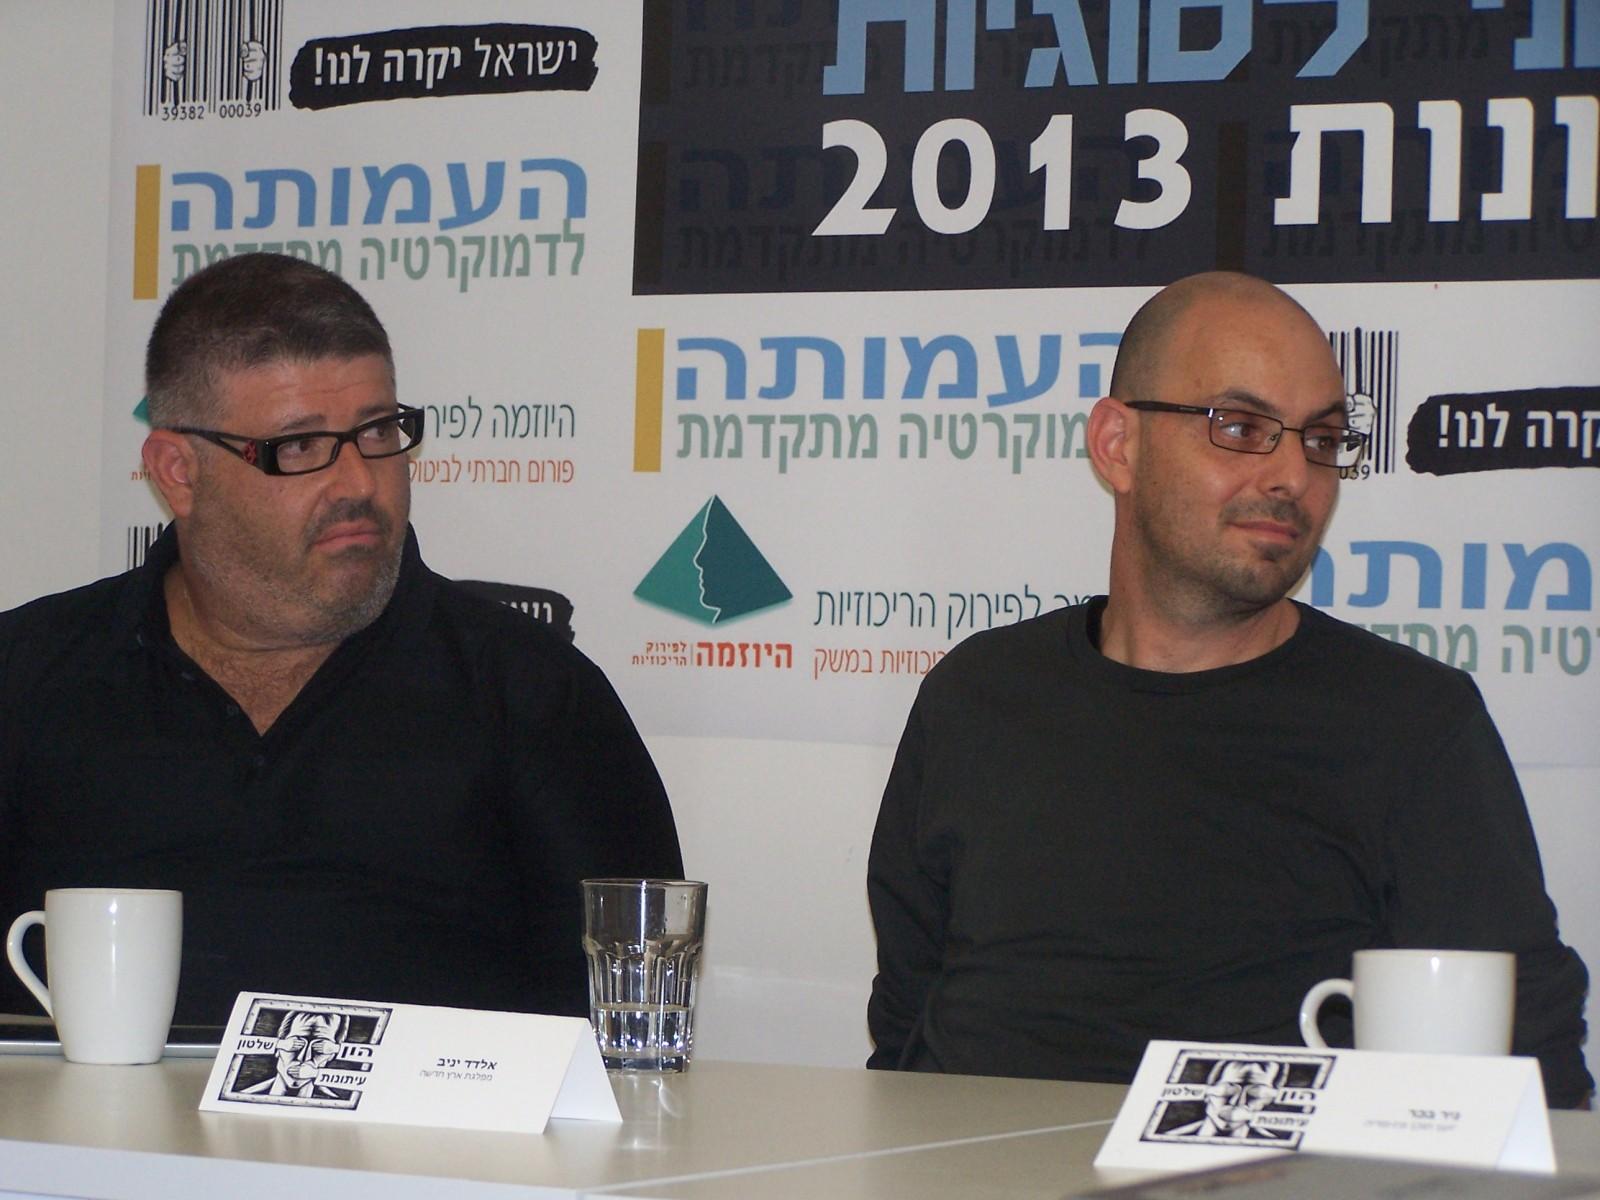 """אלדד יניב ורני רהב, בכנס העמותה לדמוקרטיה מתקדמת, 21.4.13 (צילום: """"העין השביעית"""")"""